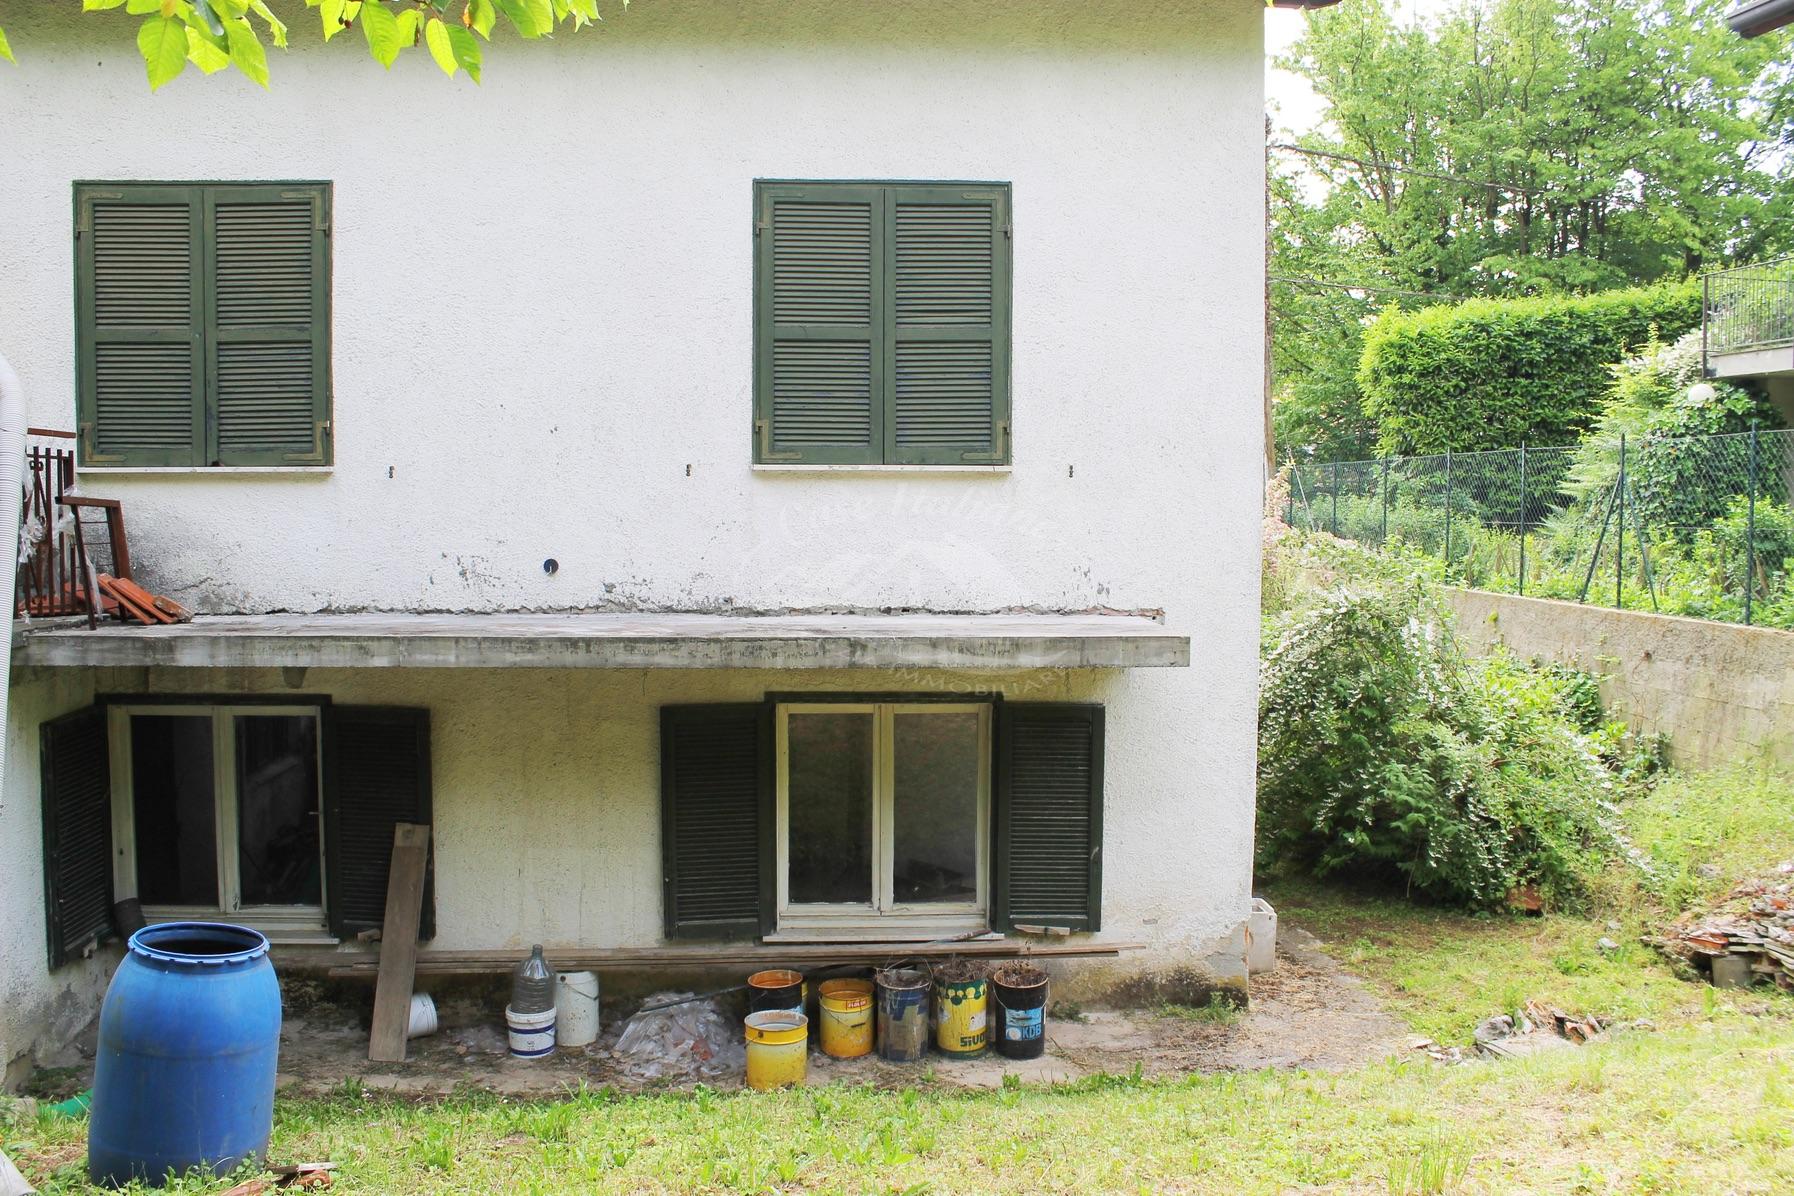 Foto immobili 072 case italiane agenzia immobiliare cant for Case italiane immobiliare